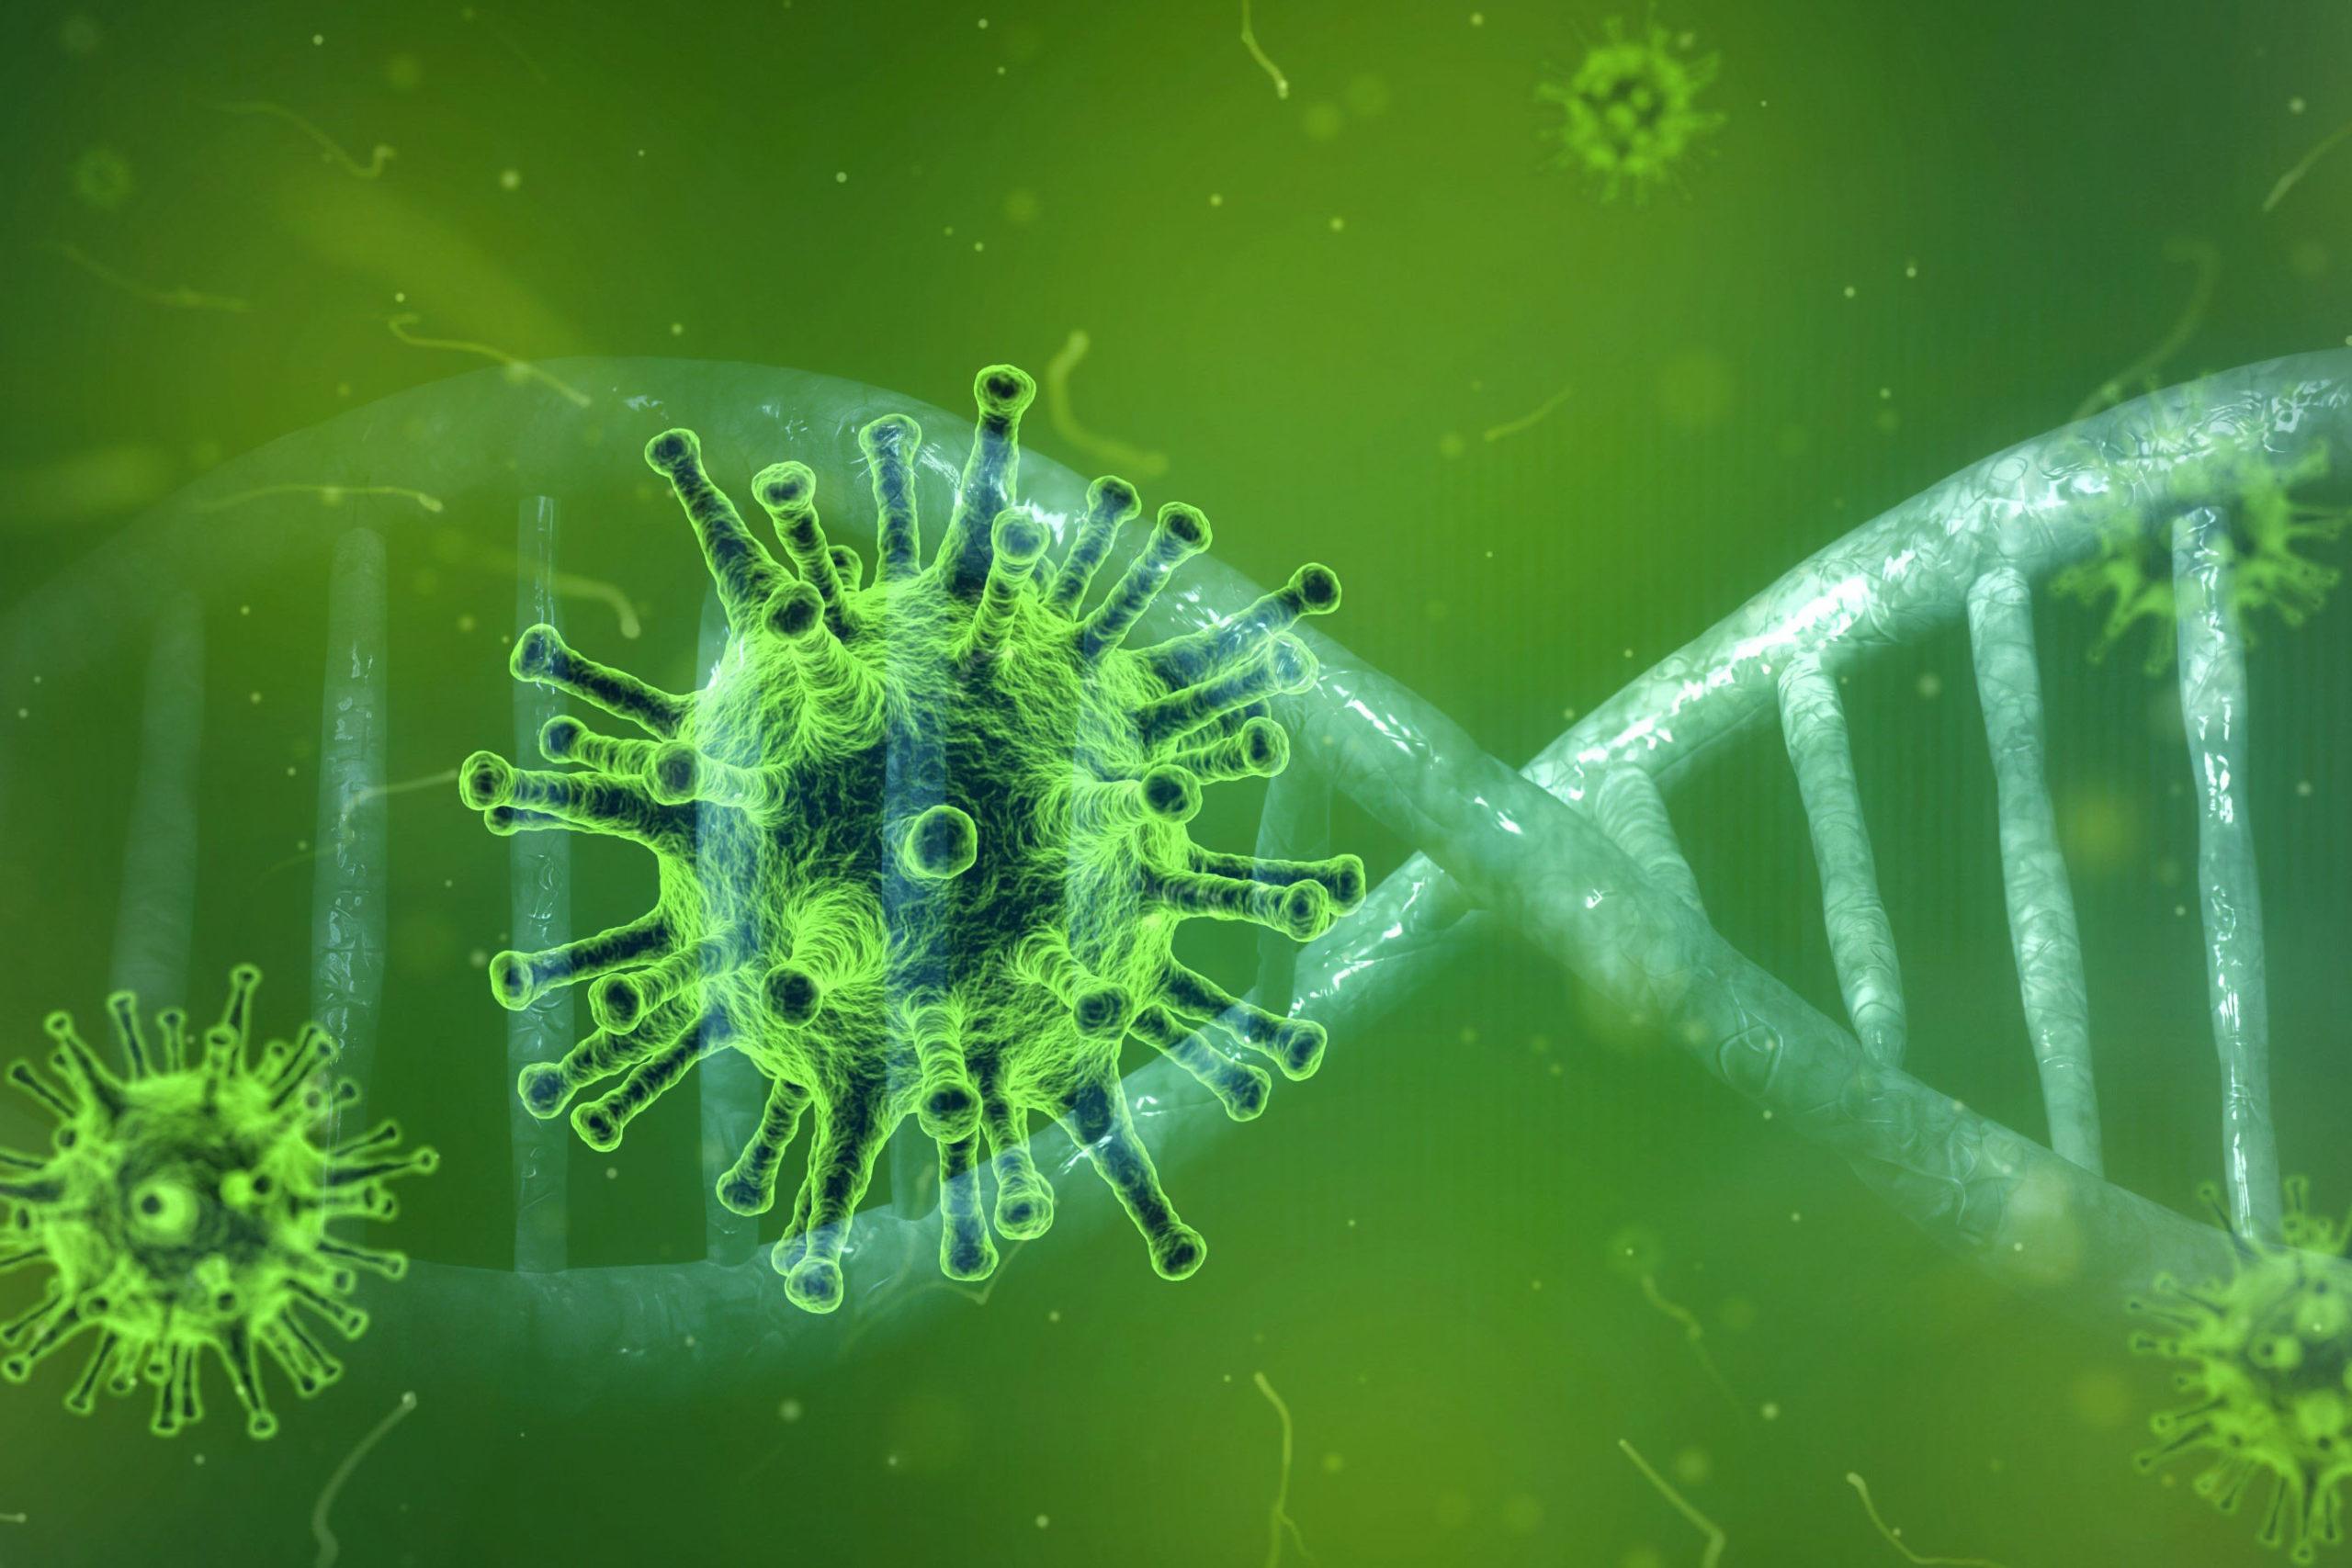 Conoravirus